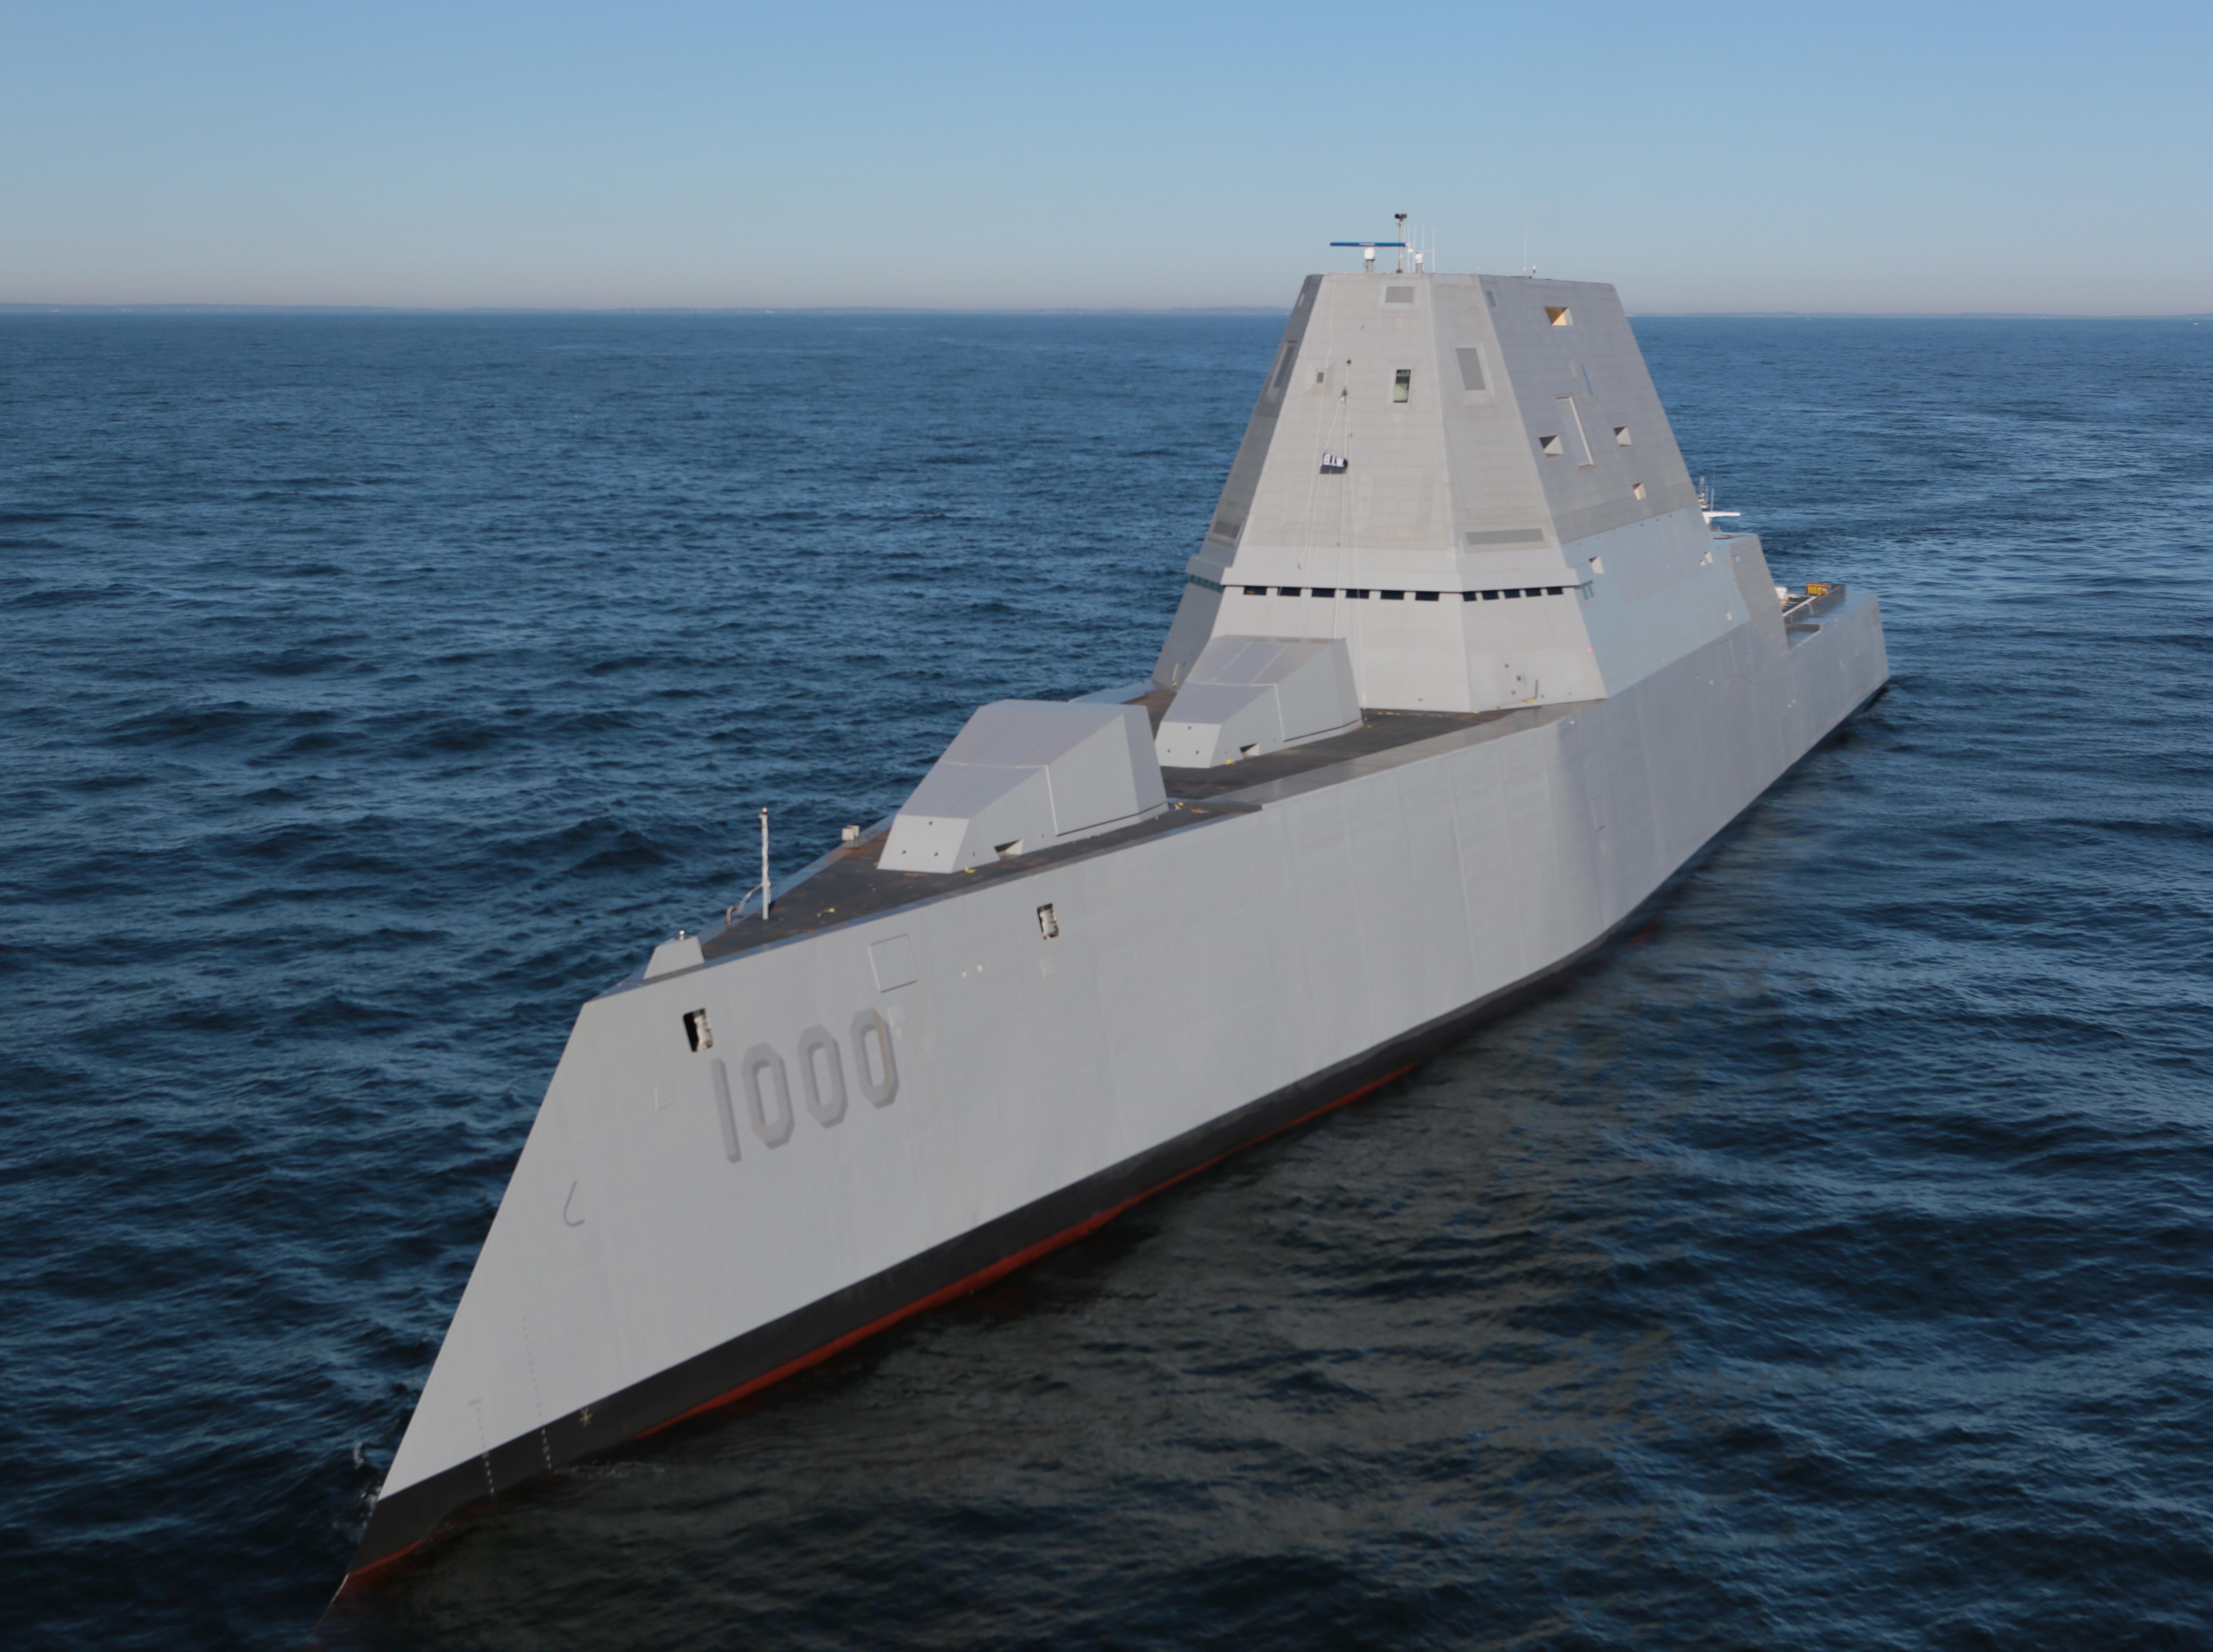 Zumwalt destroyer